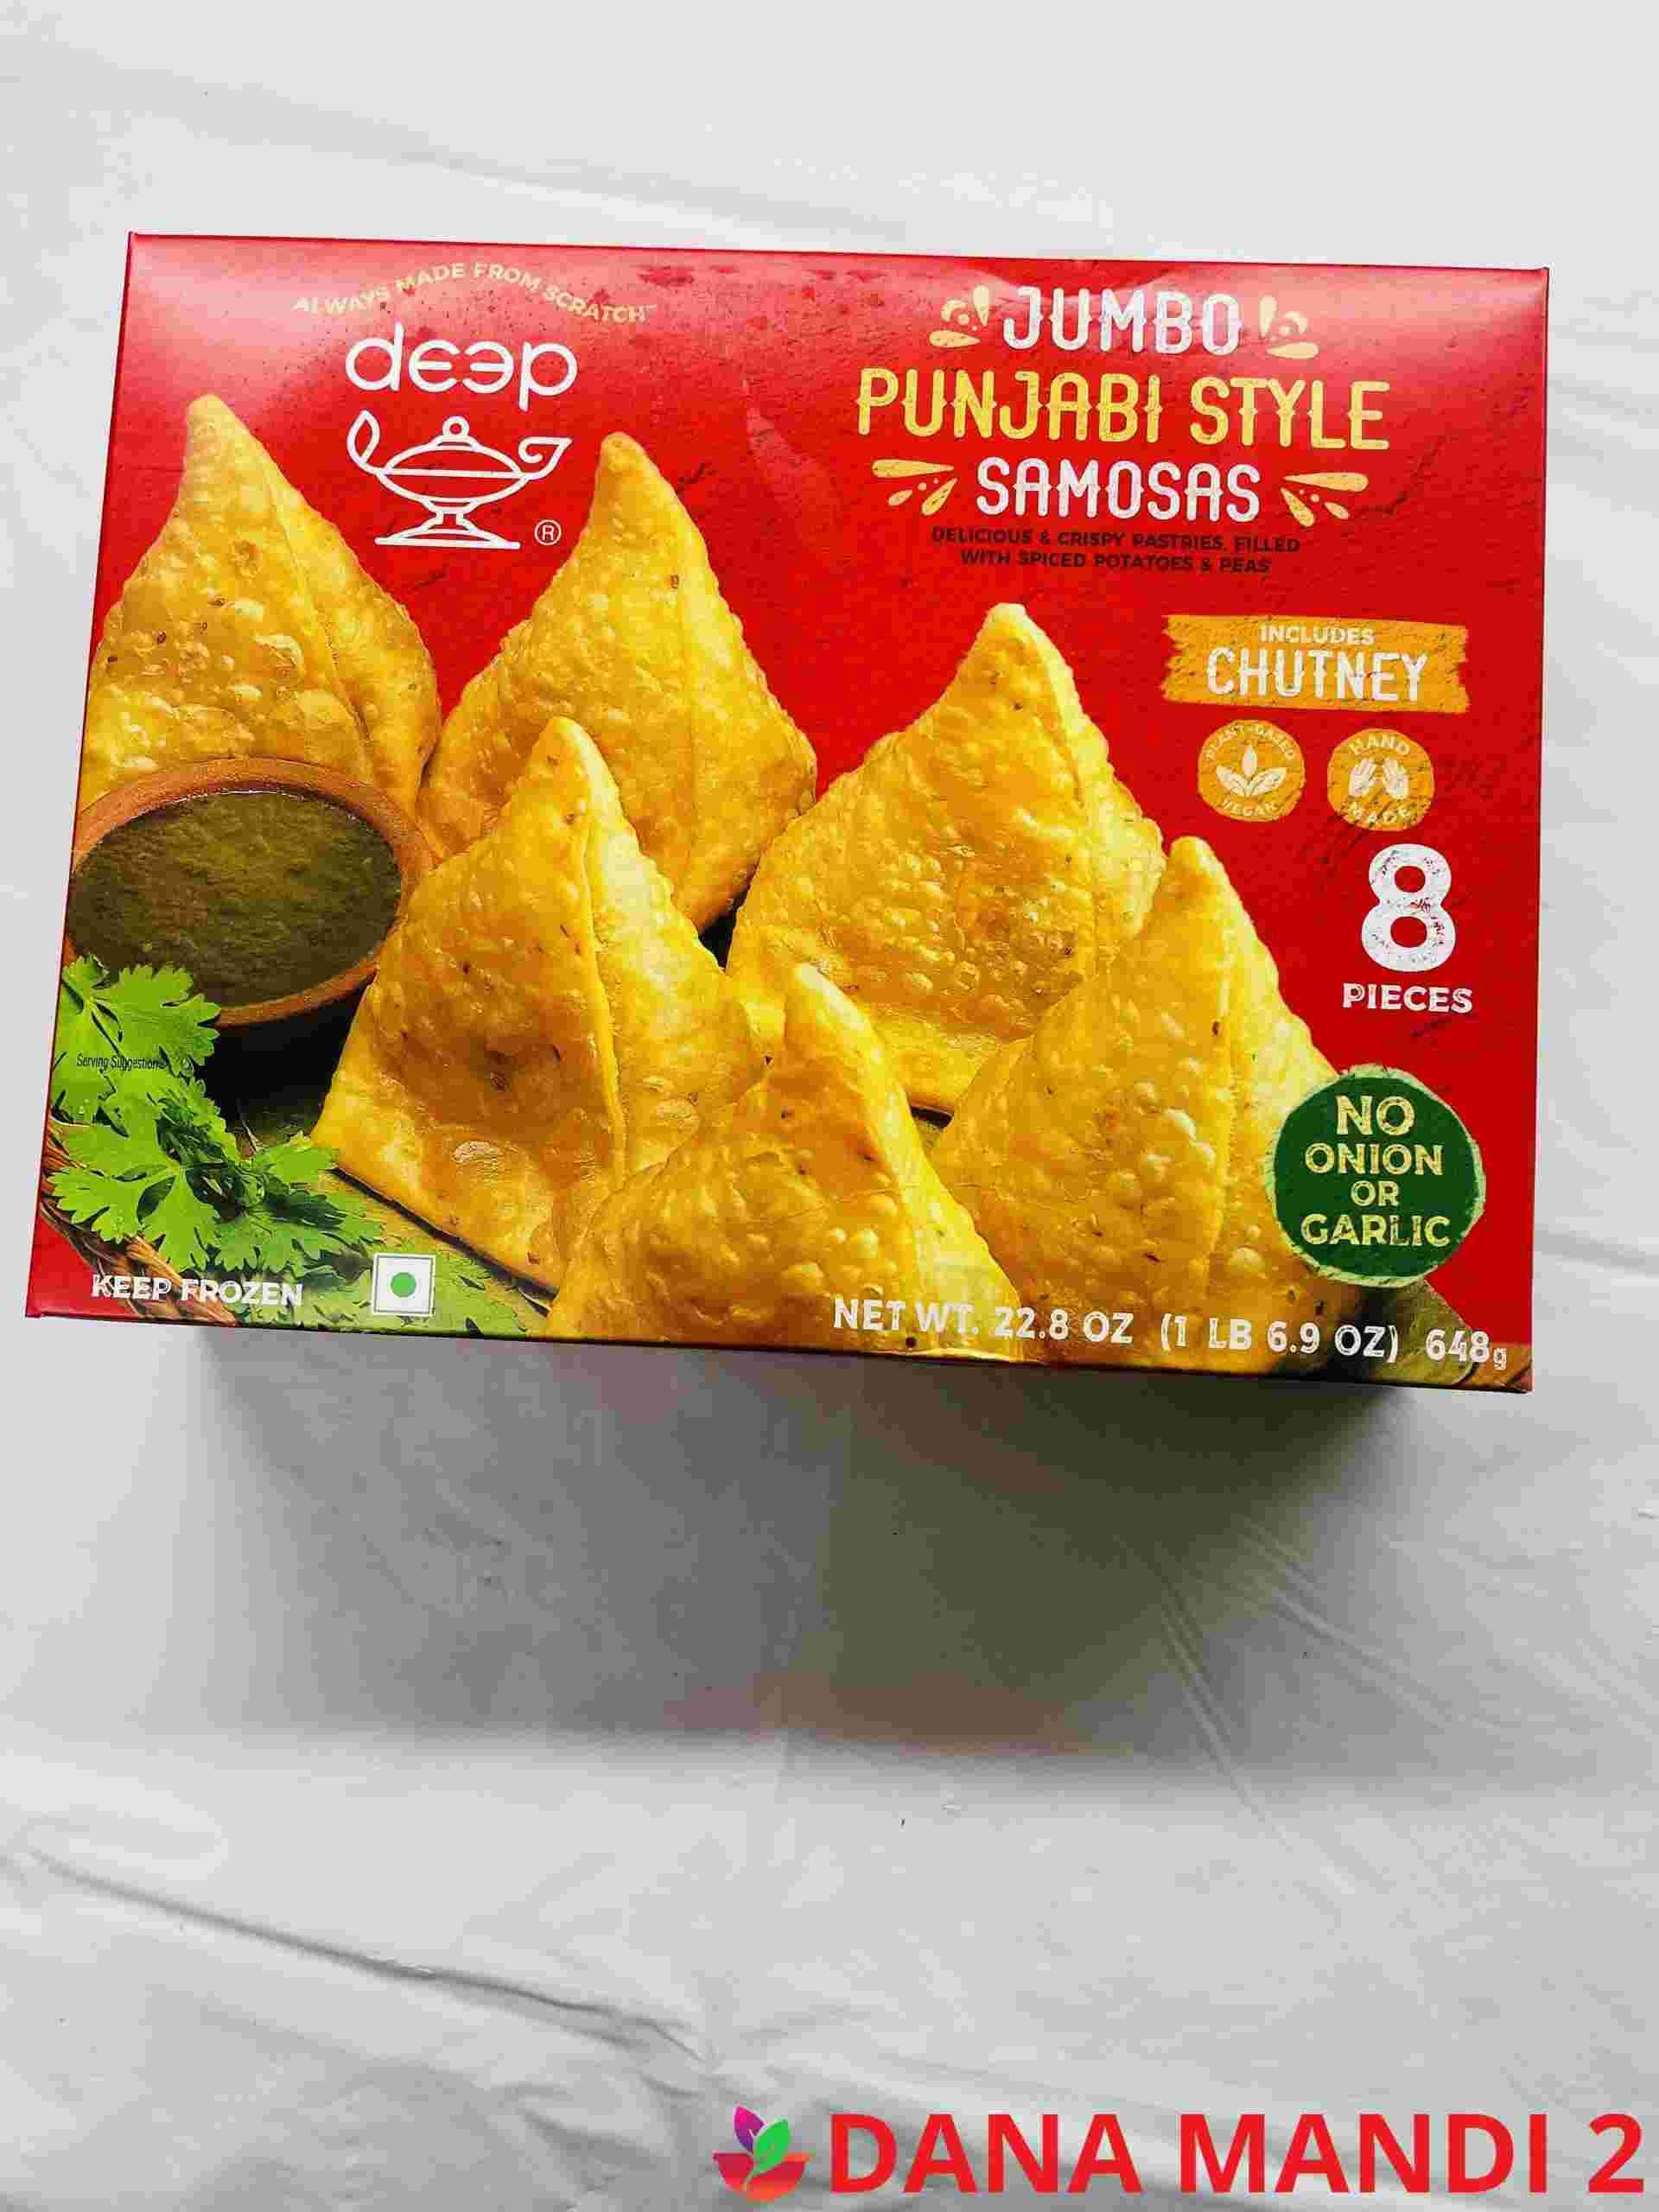 Deep  Jumbo Punjabi Samosa 8 Pieces